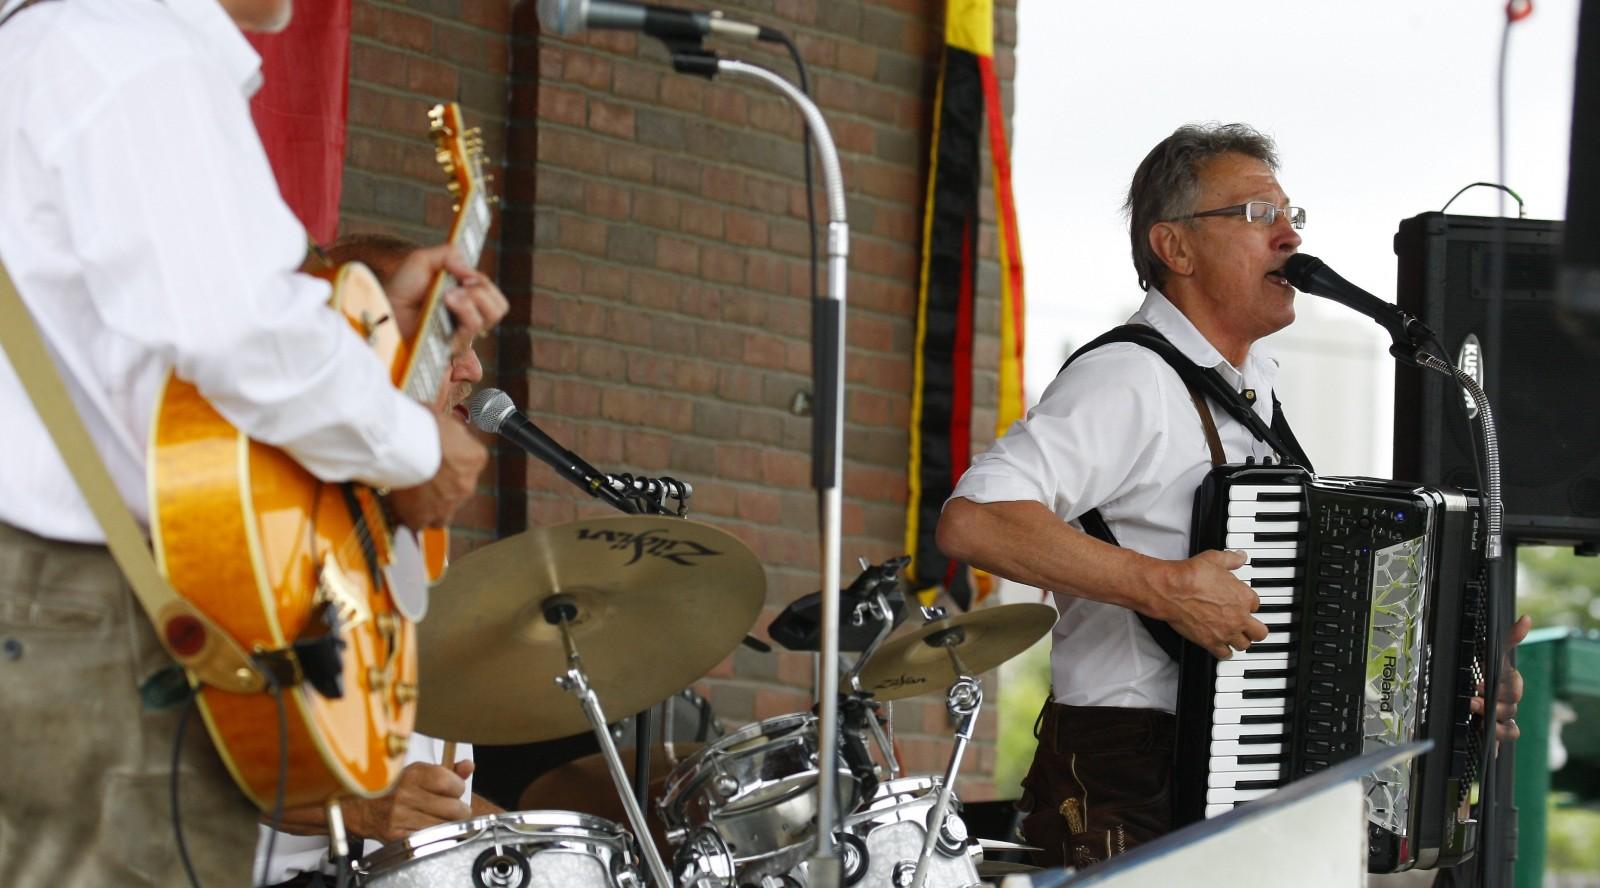 The Auslanders will perform at Oktoberfest at RiverWorks on Saturday.